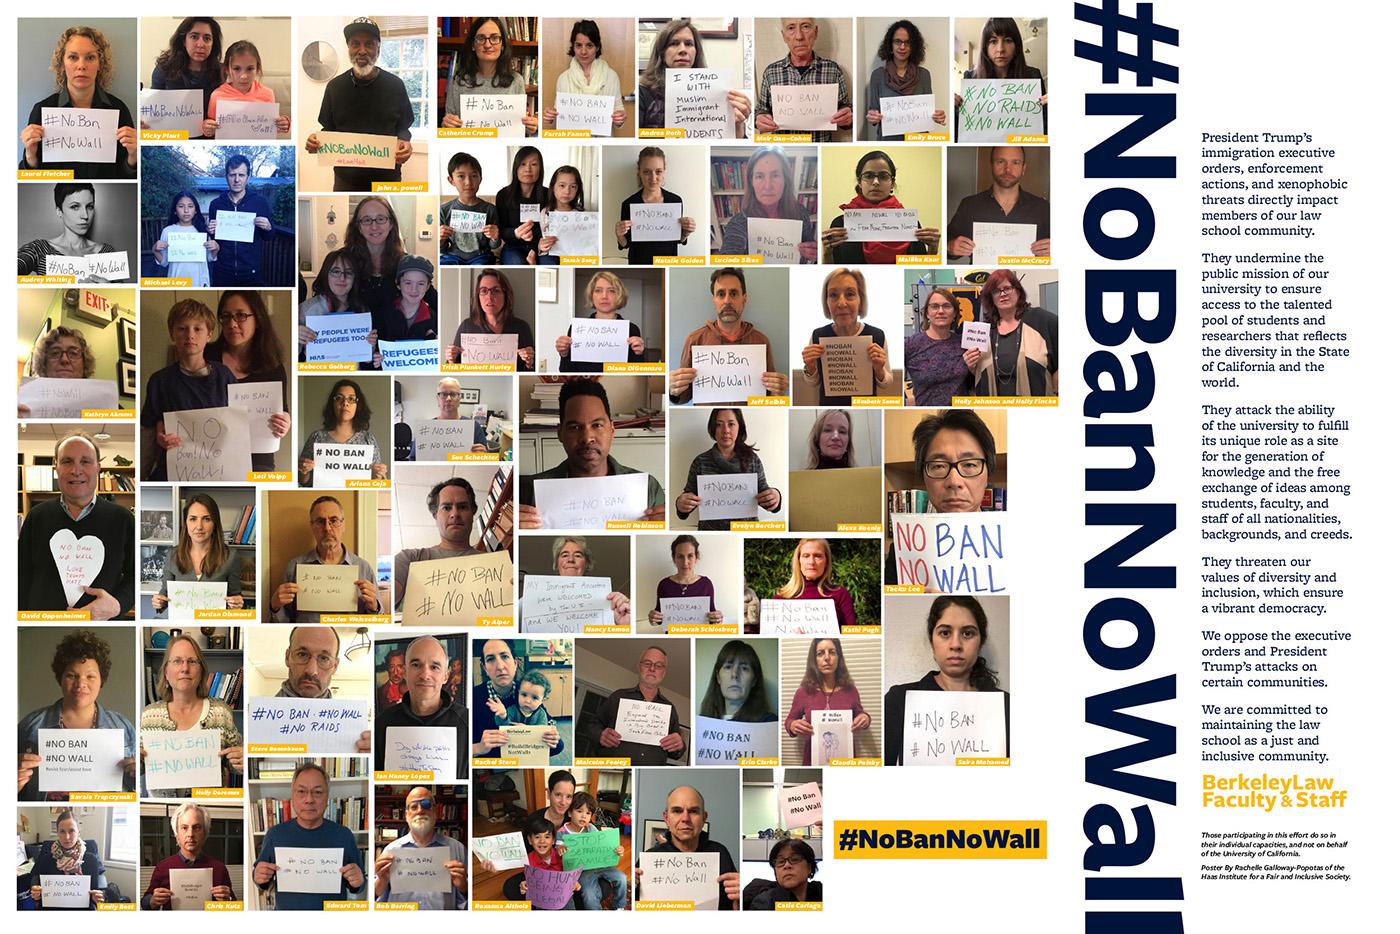 No Ban No Wall Poster Image